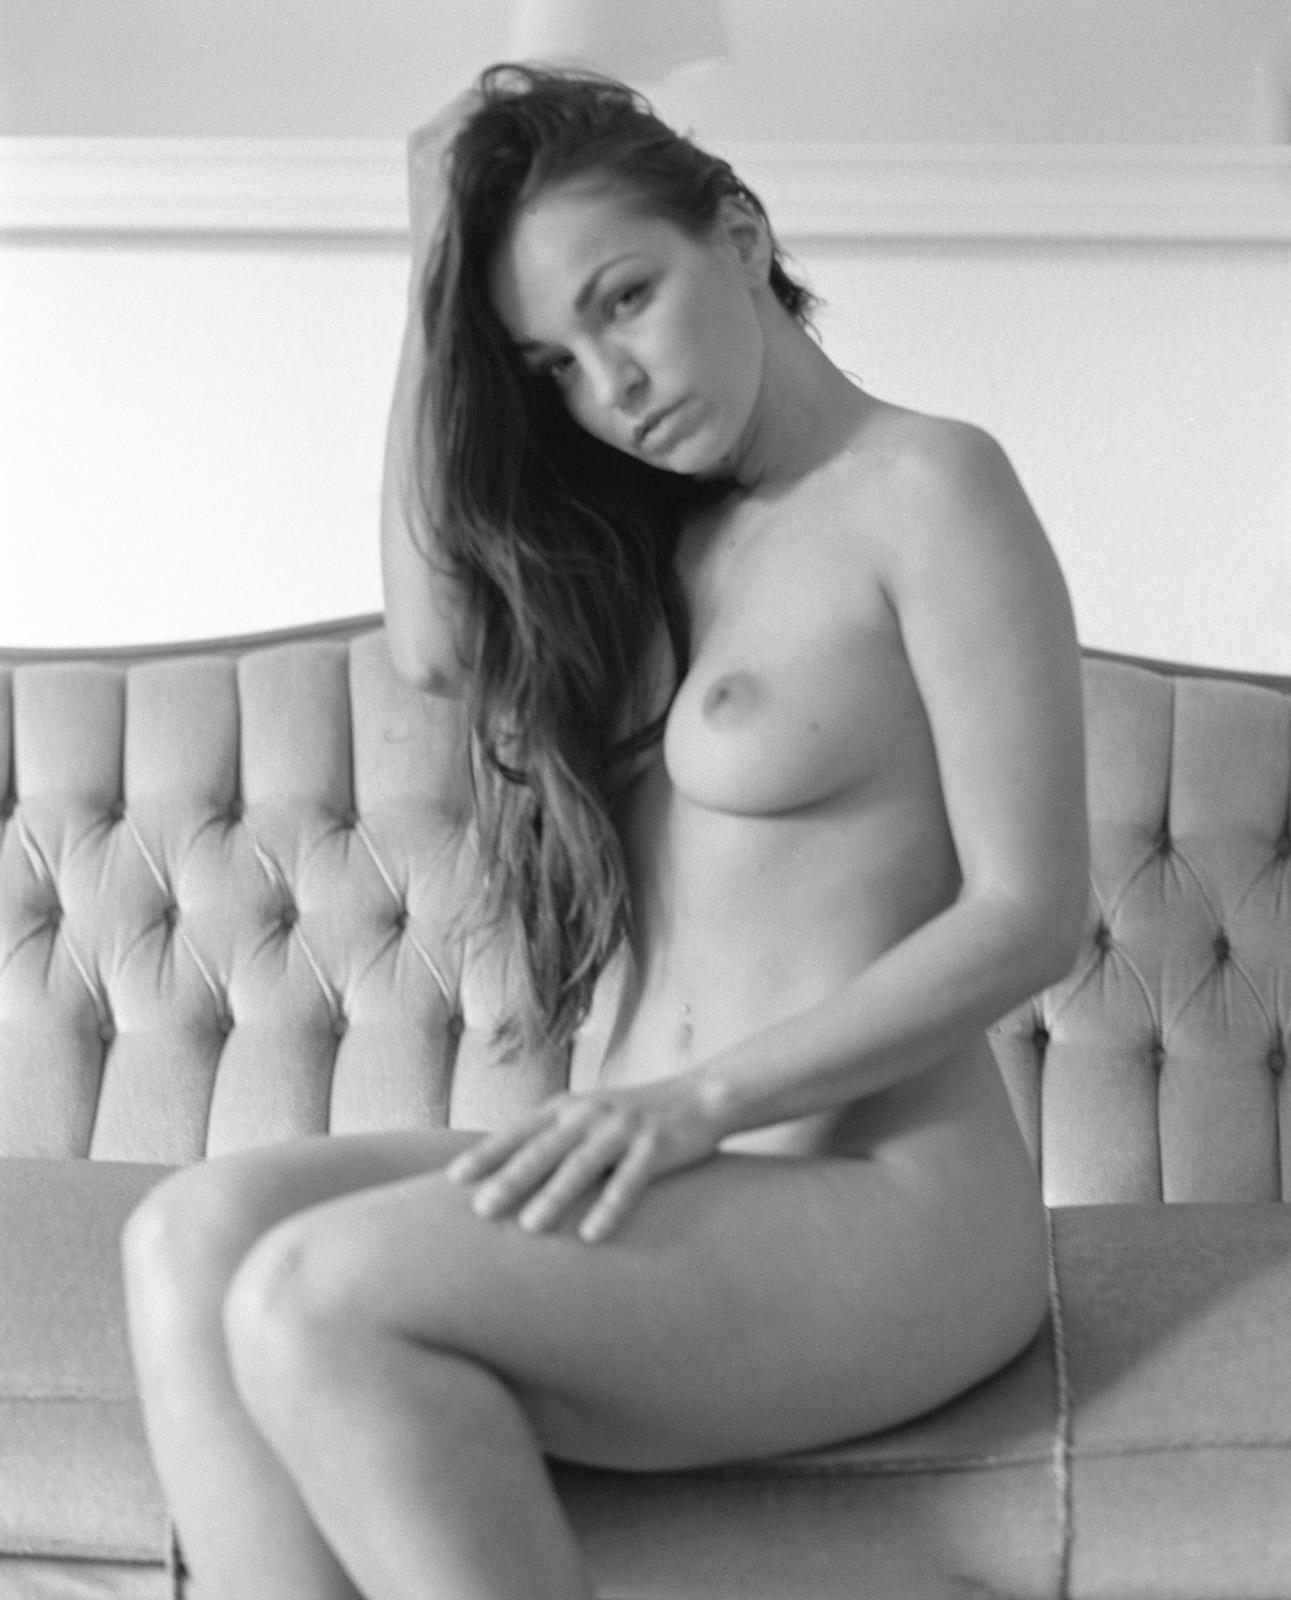 Anastasia auf ihrer Couch